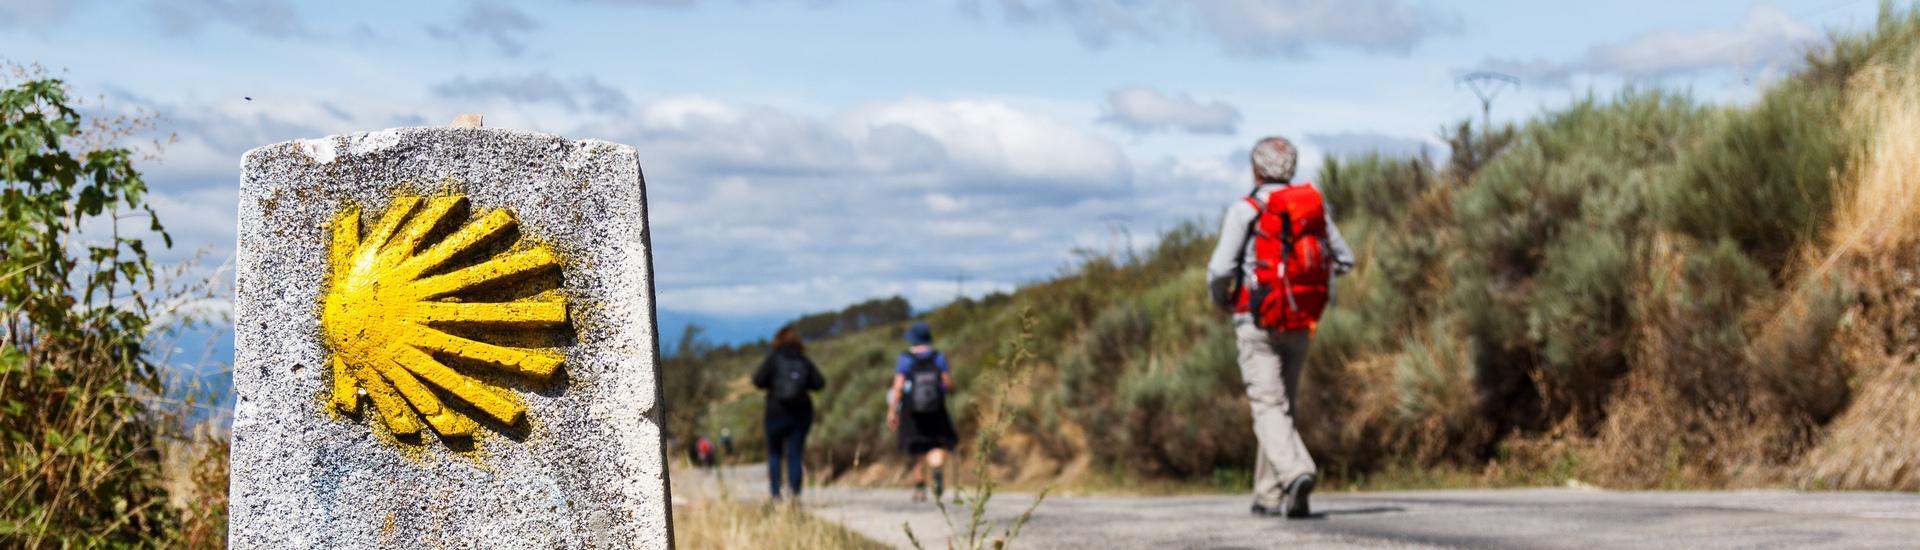 Camino Portugues pieszo